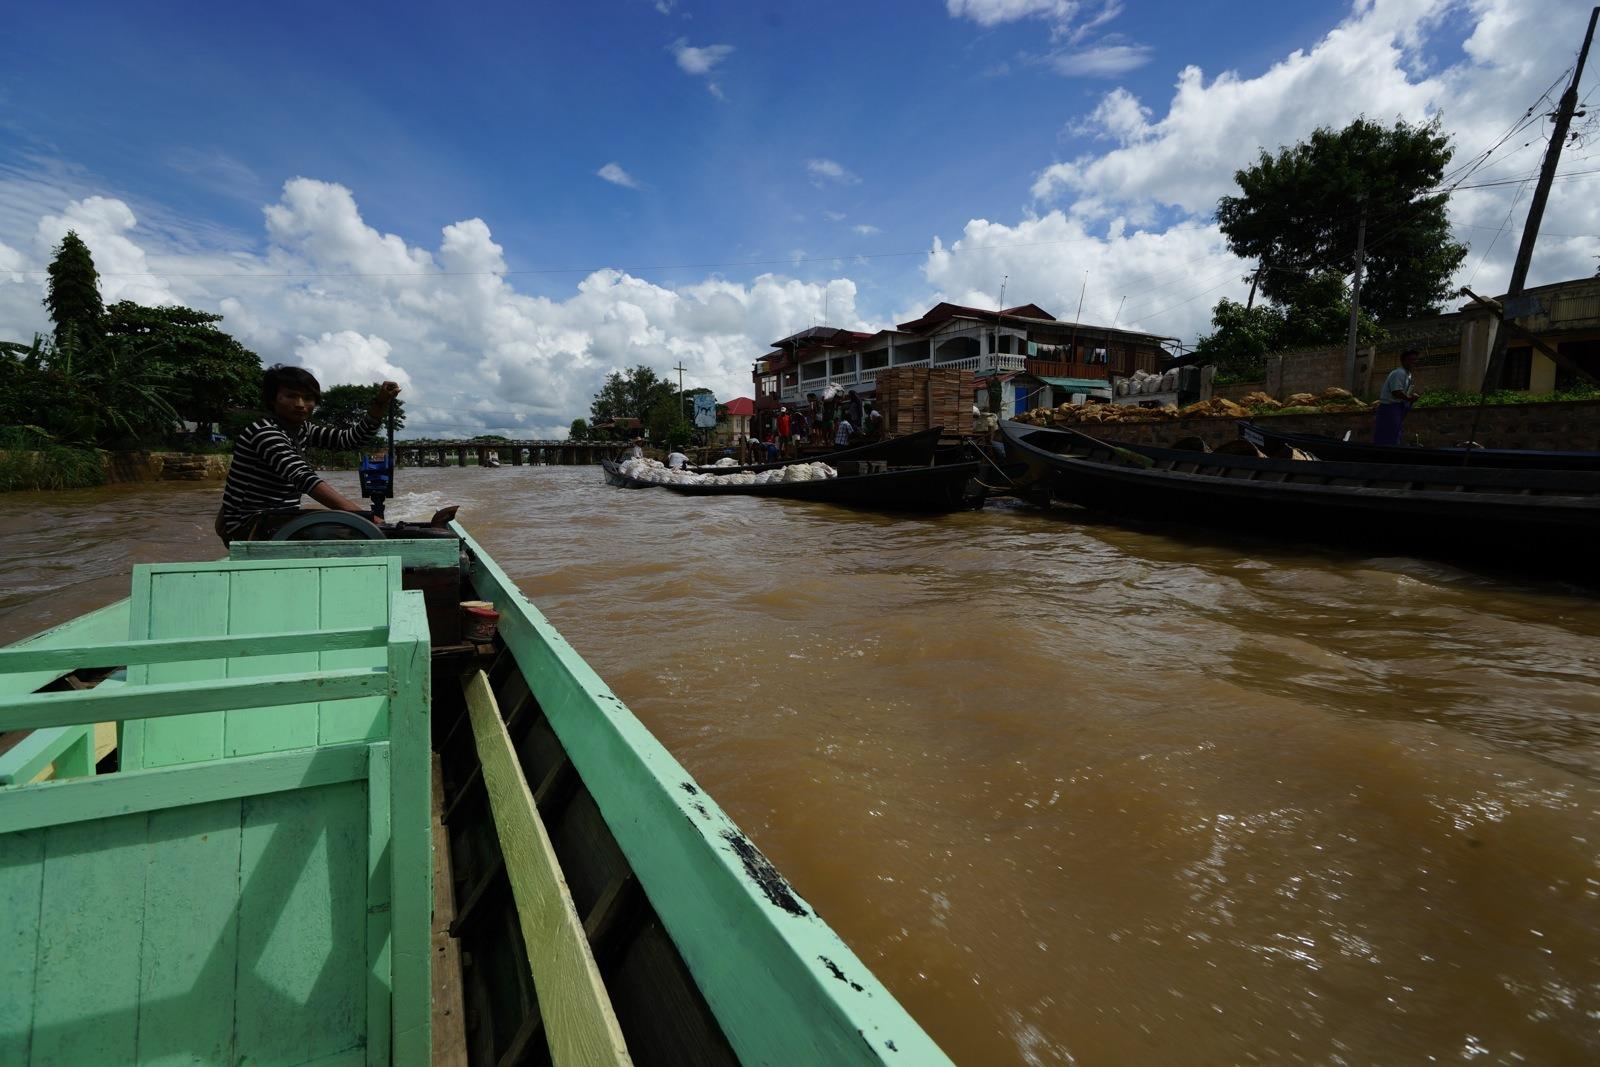 從 Nyaung Shwe 乘船遊湖及往來湖上的酒店。